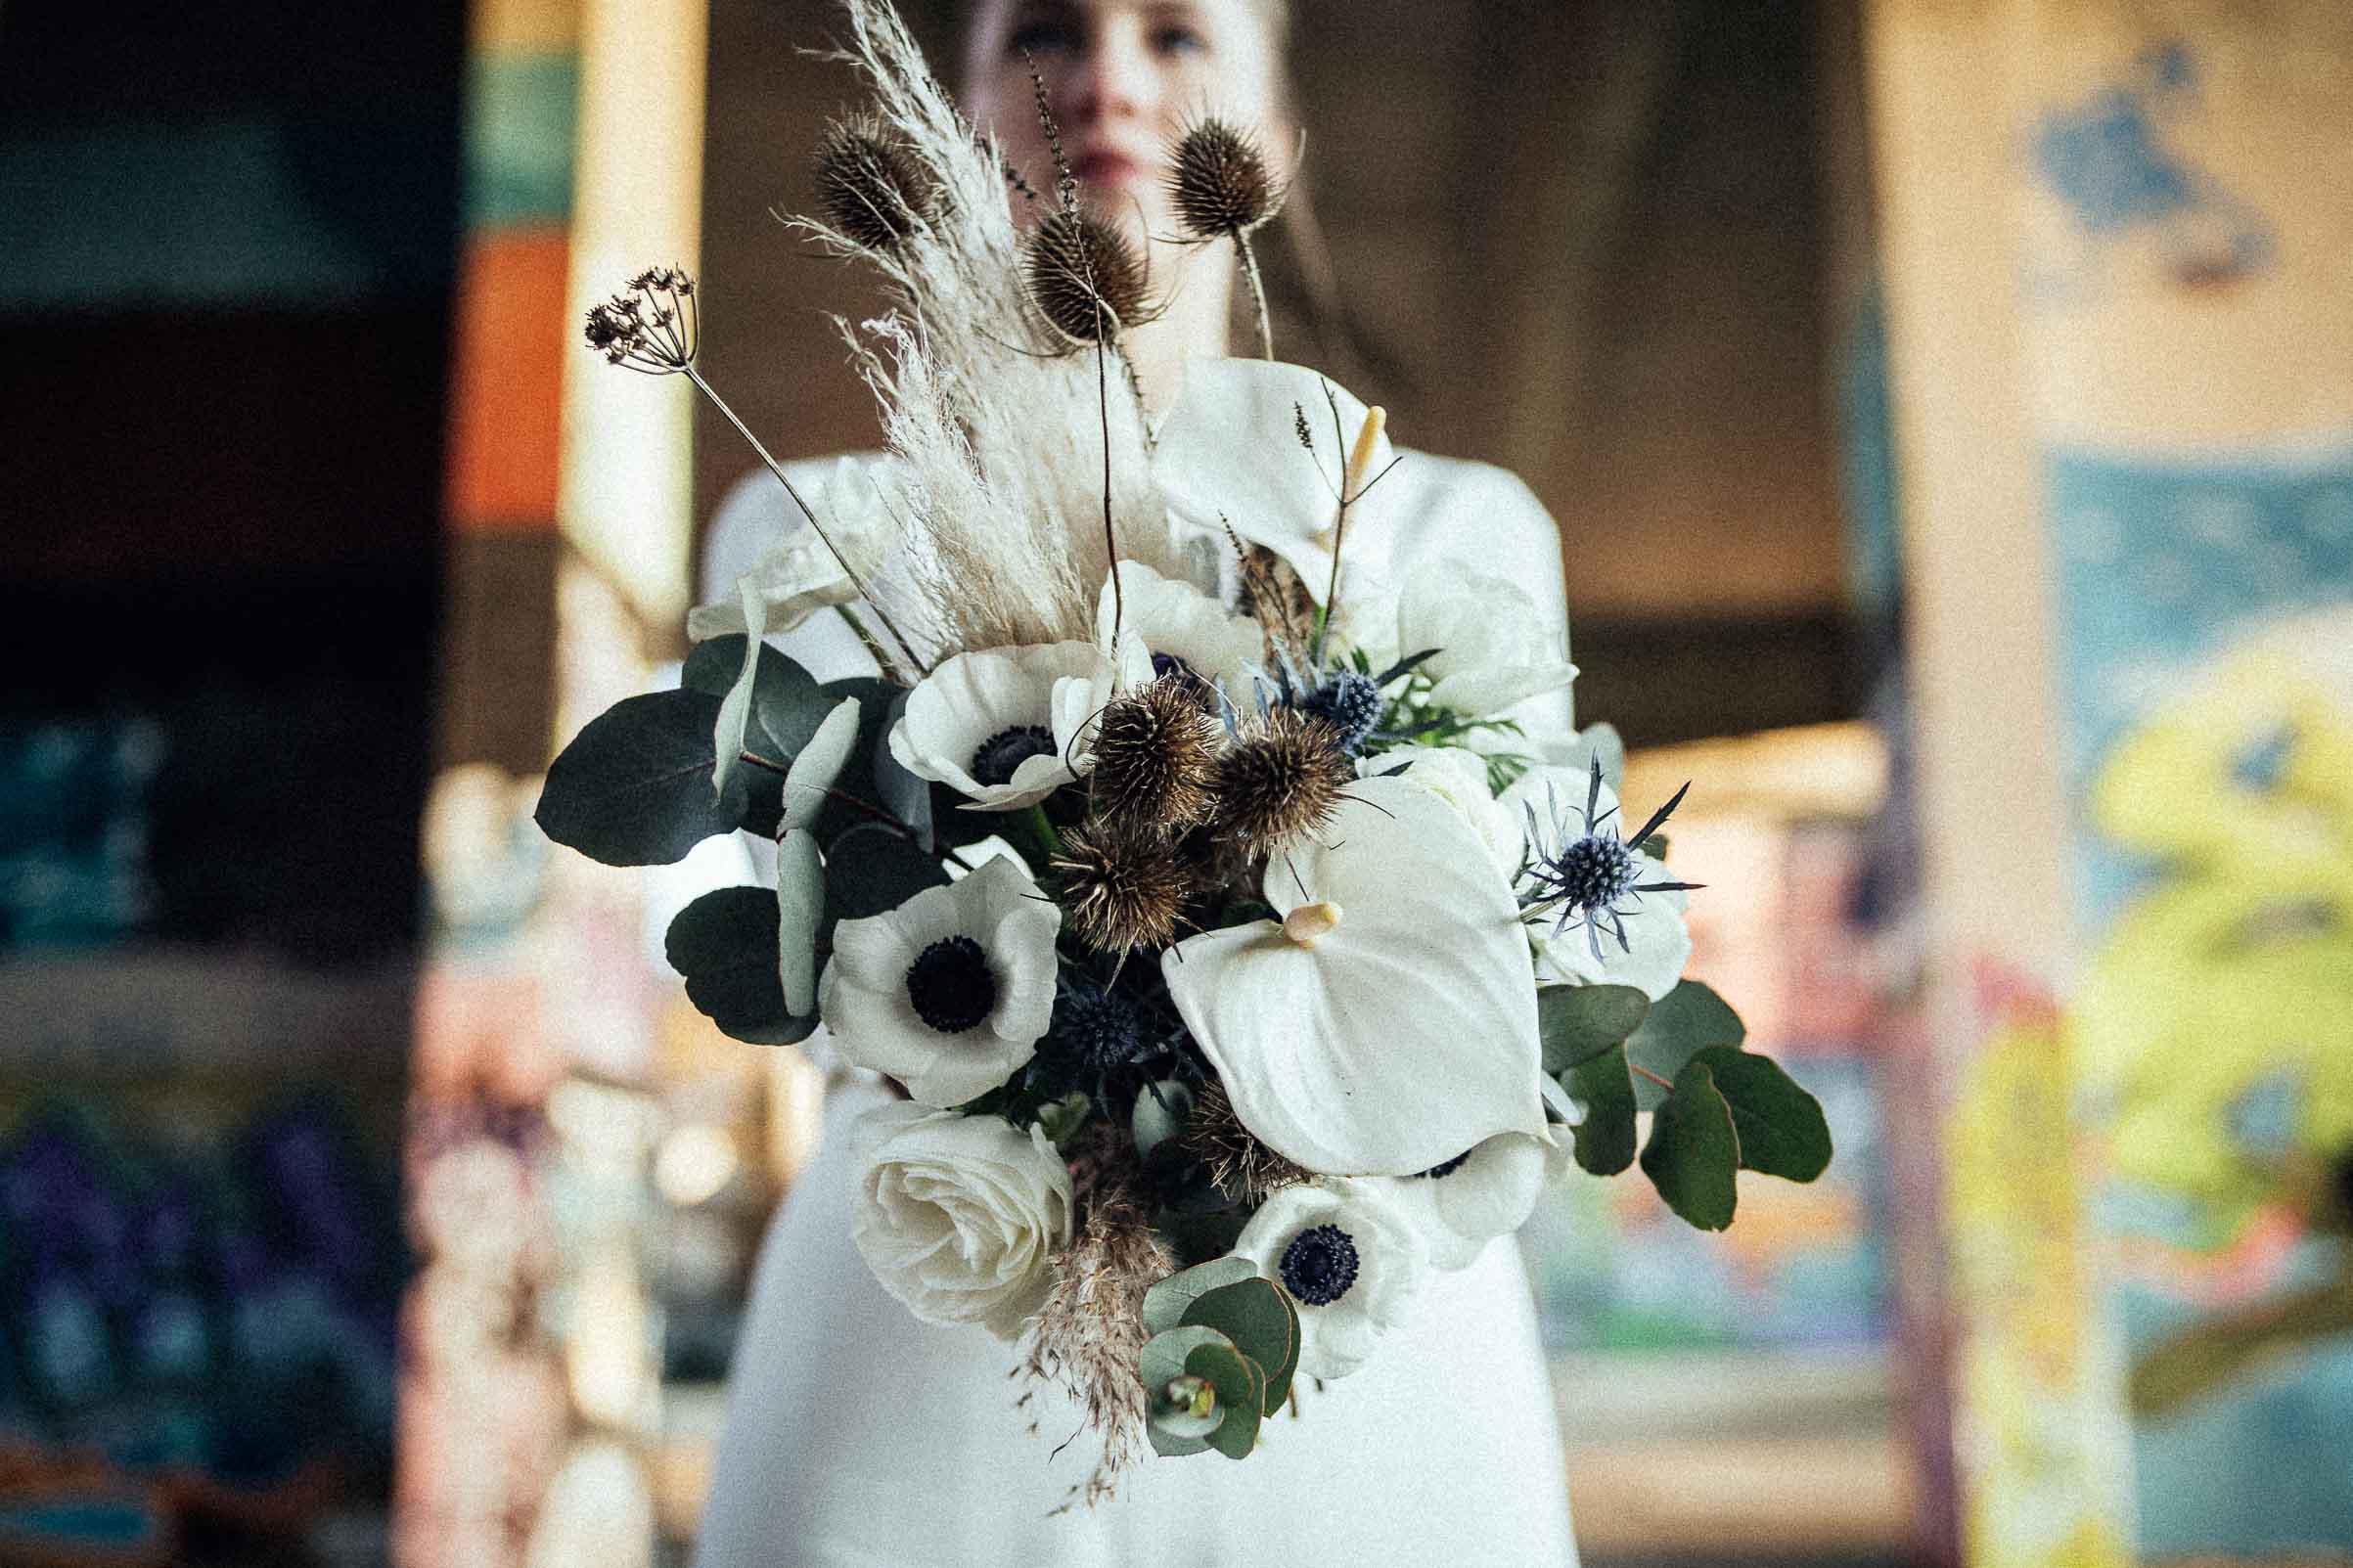 mariage-terre-de-fer-urbain-vintage-ludozme-edua-decore-poitiers (32)